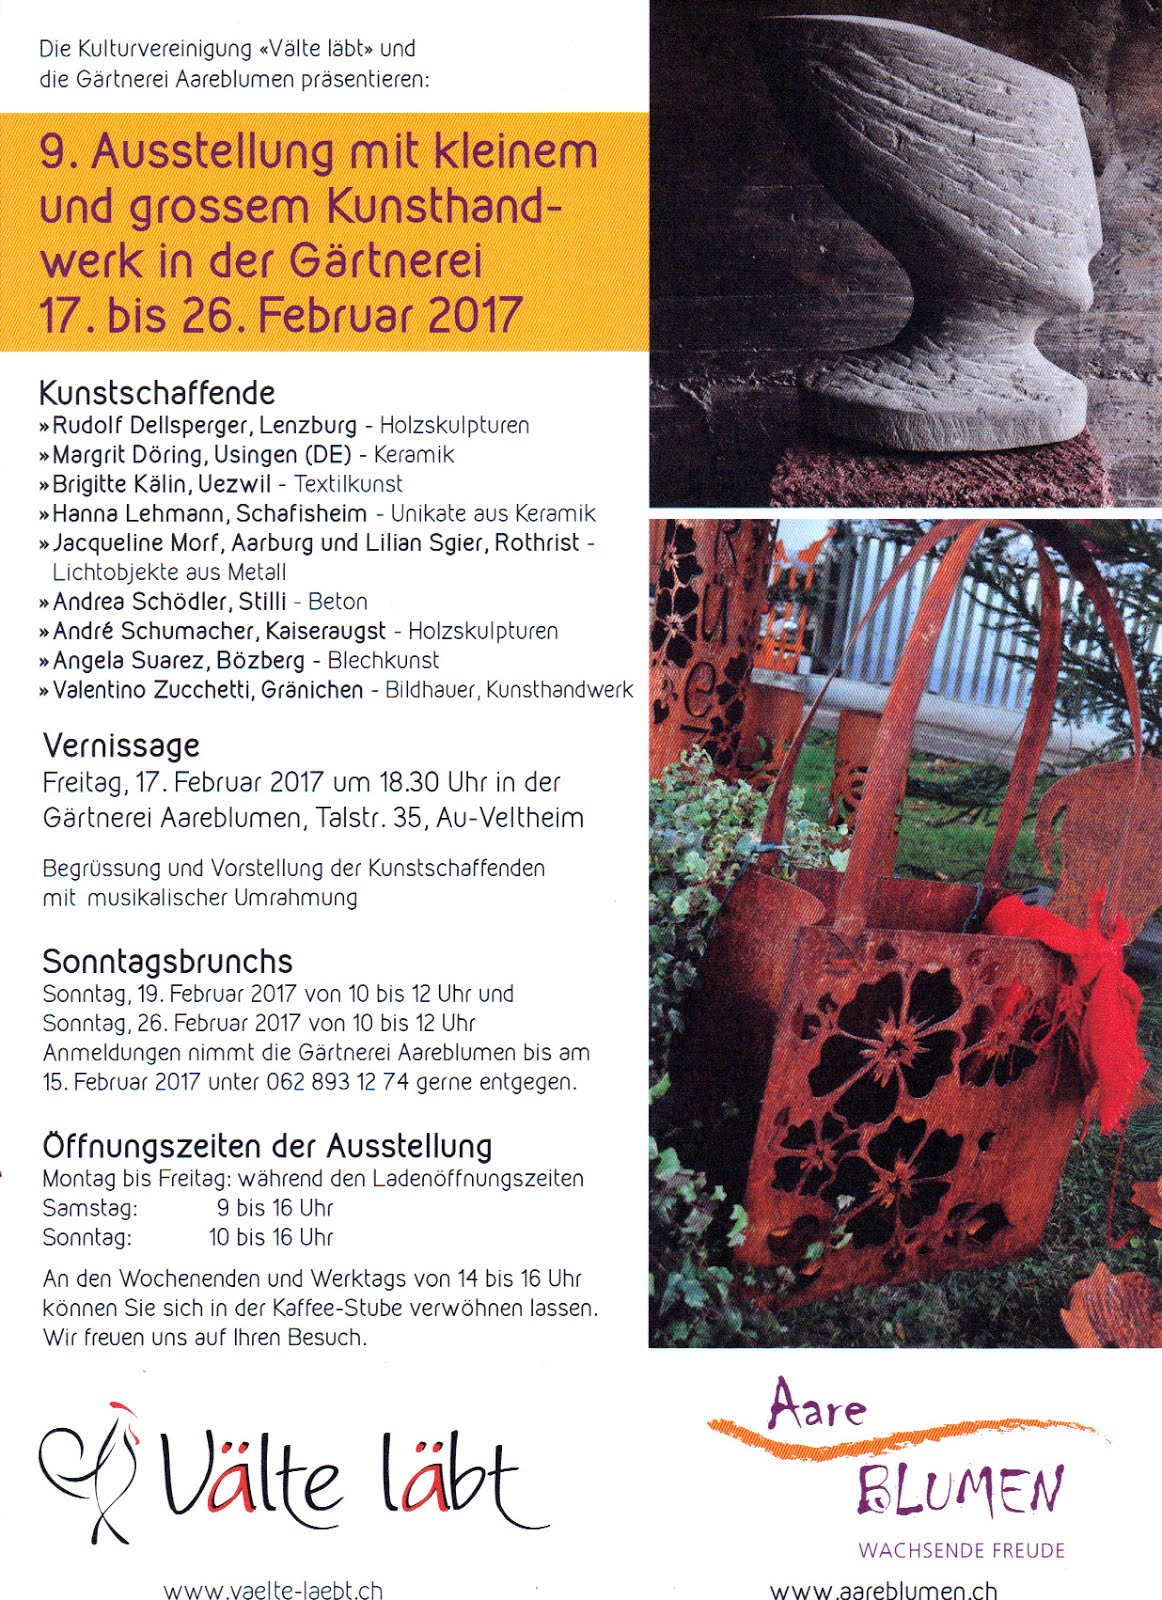 Ausstellung in Gärtnerei Aareblumen